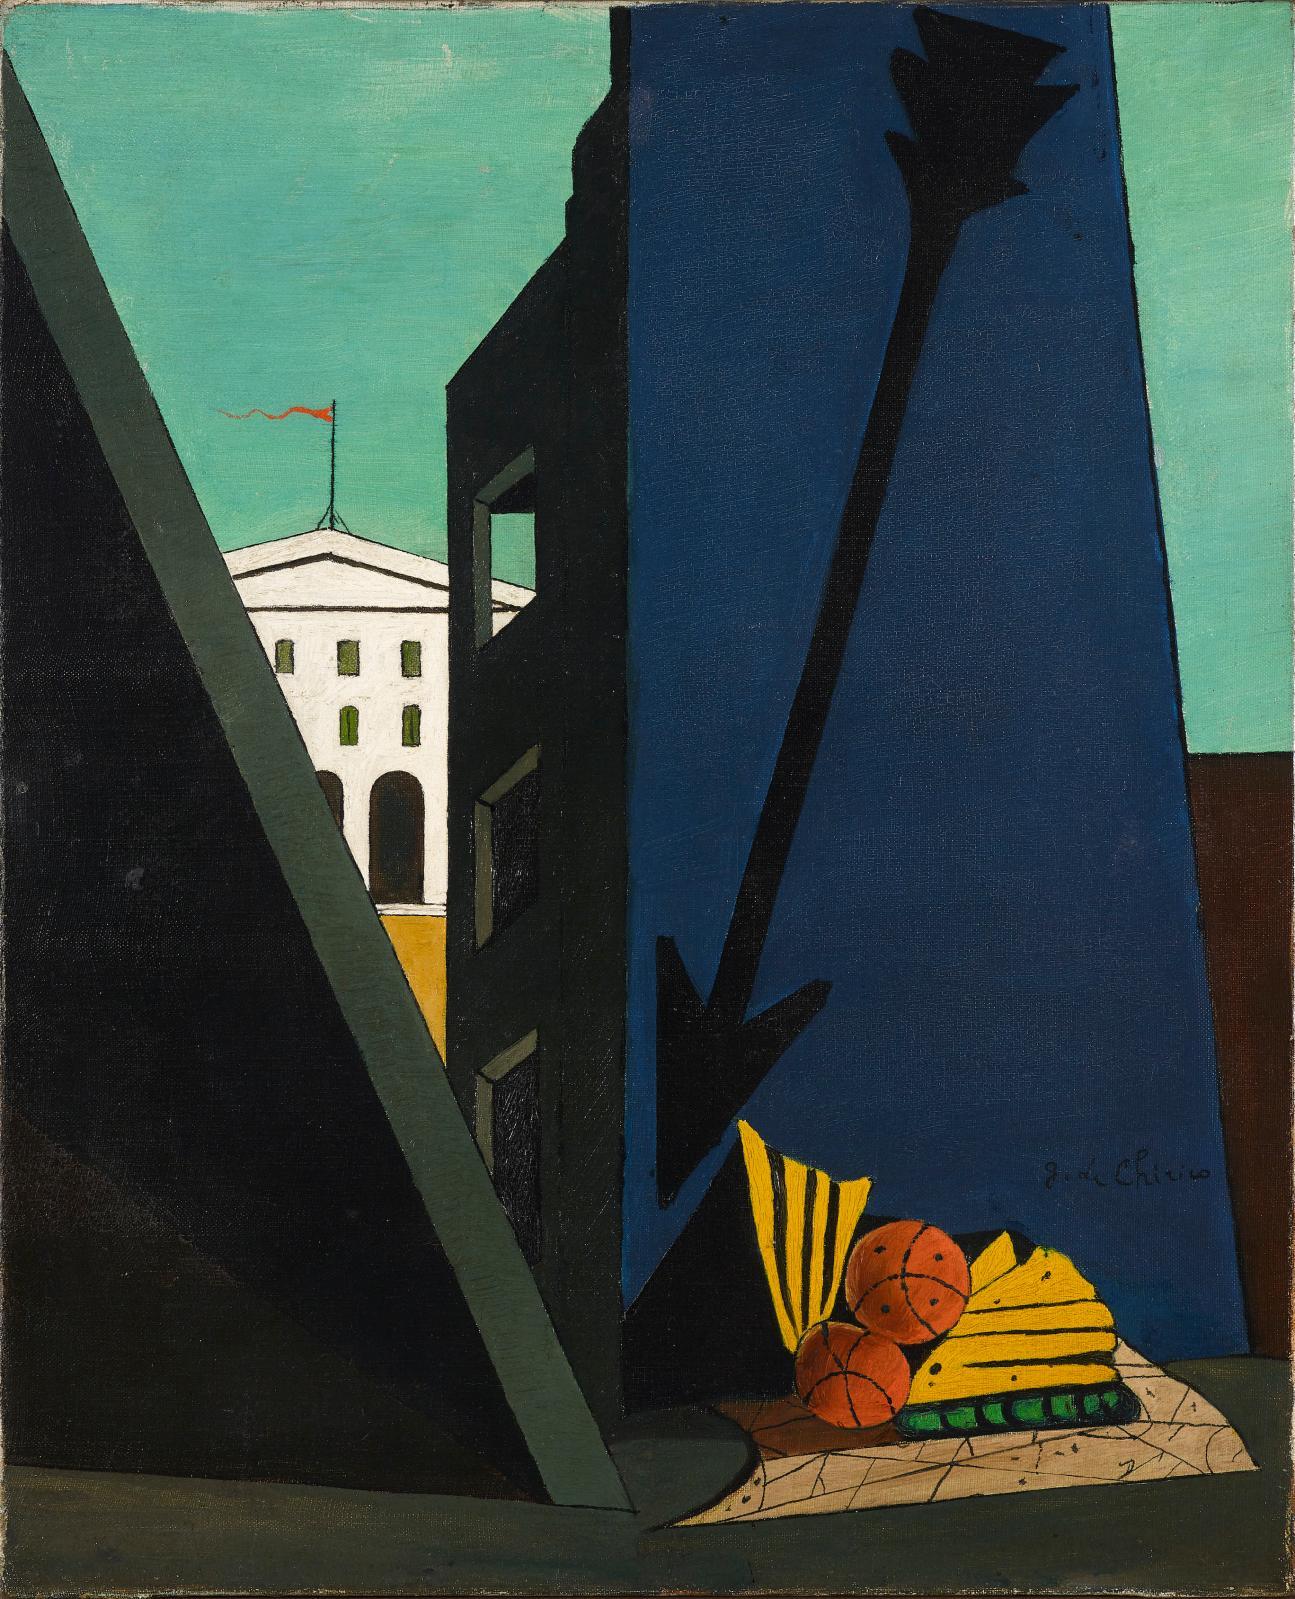 De Chirico (1888-1978), Composition métaphysique, 1914, oil on canvas, 61 x 50 cm, private collection.Copyright: Etro collection/M